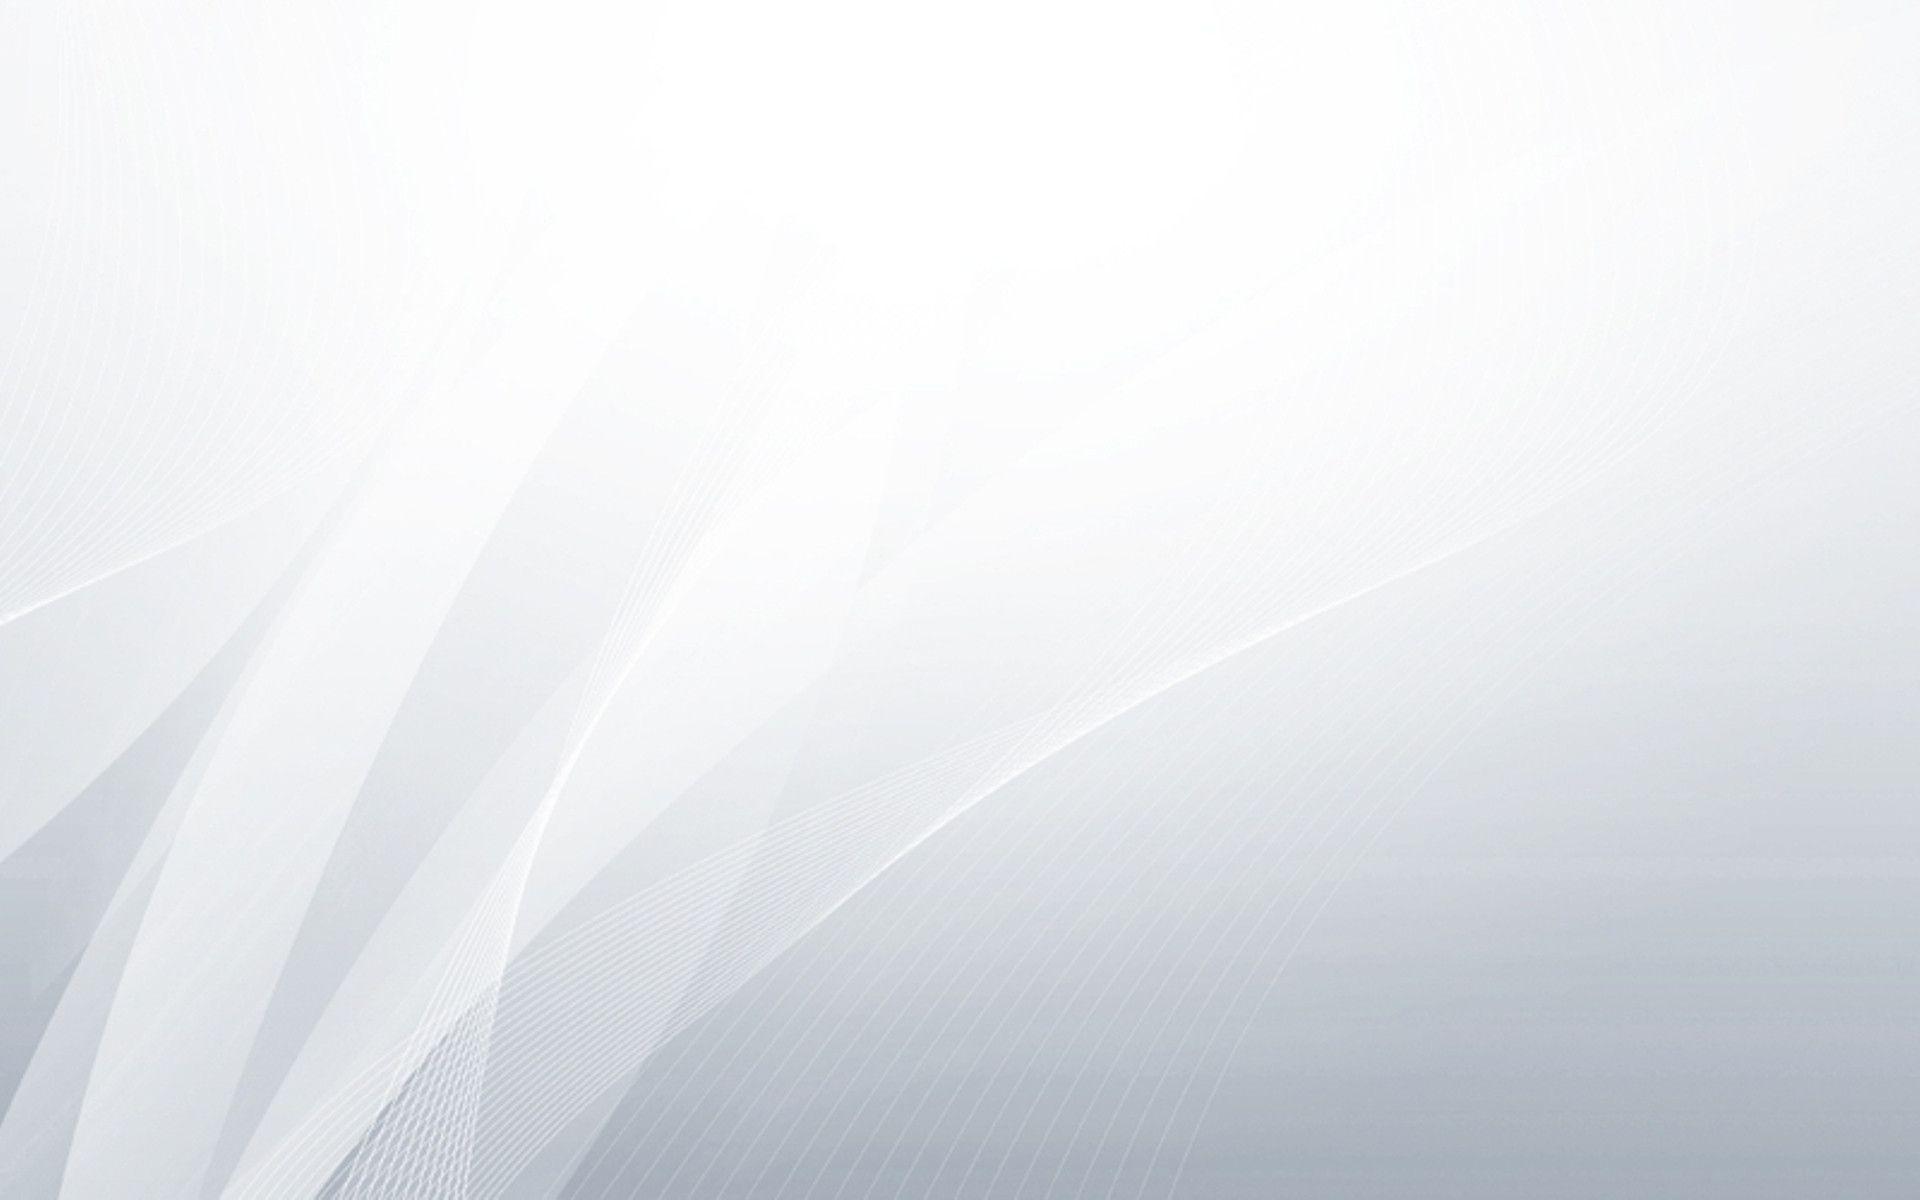 Hình nền màu trắng đẹp nhất Full HD